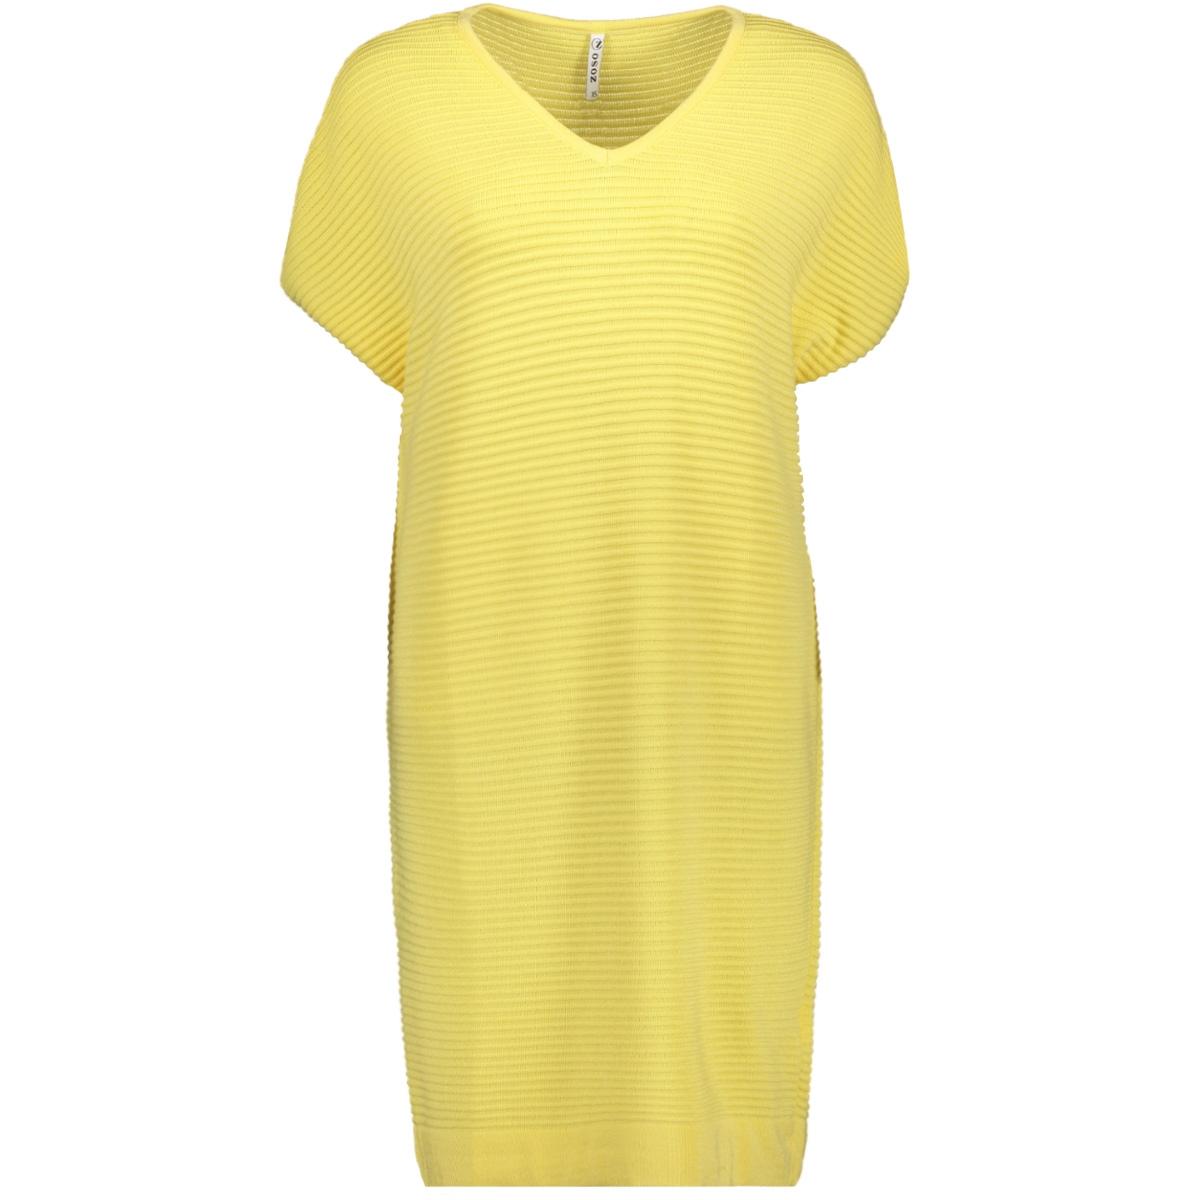 kenza knitted tunic 192 zoso tuniek yellow